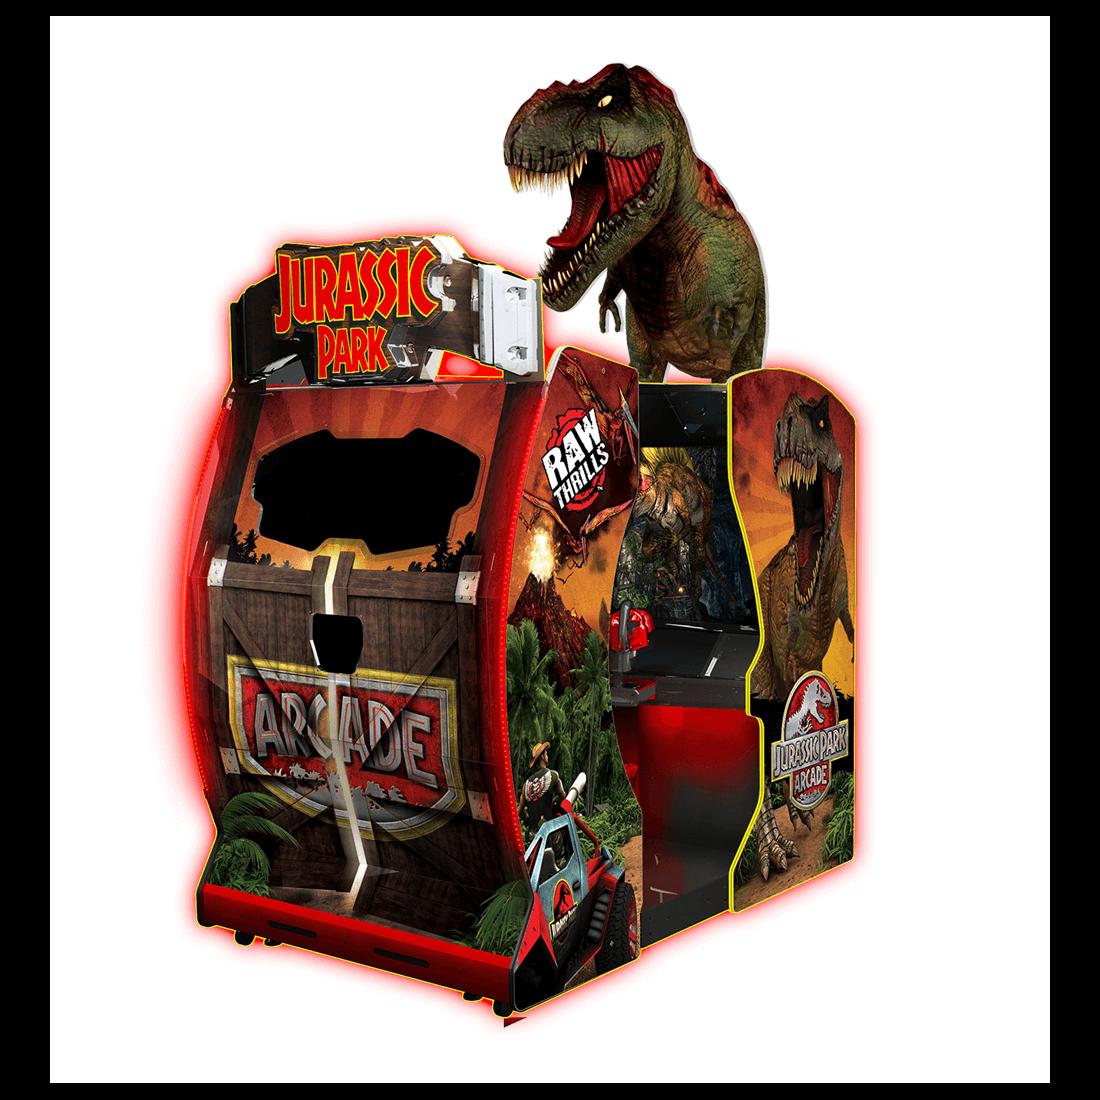 Buy Jurassic Park Arcade Online at $12999